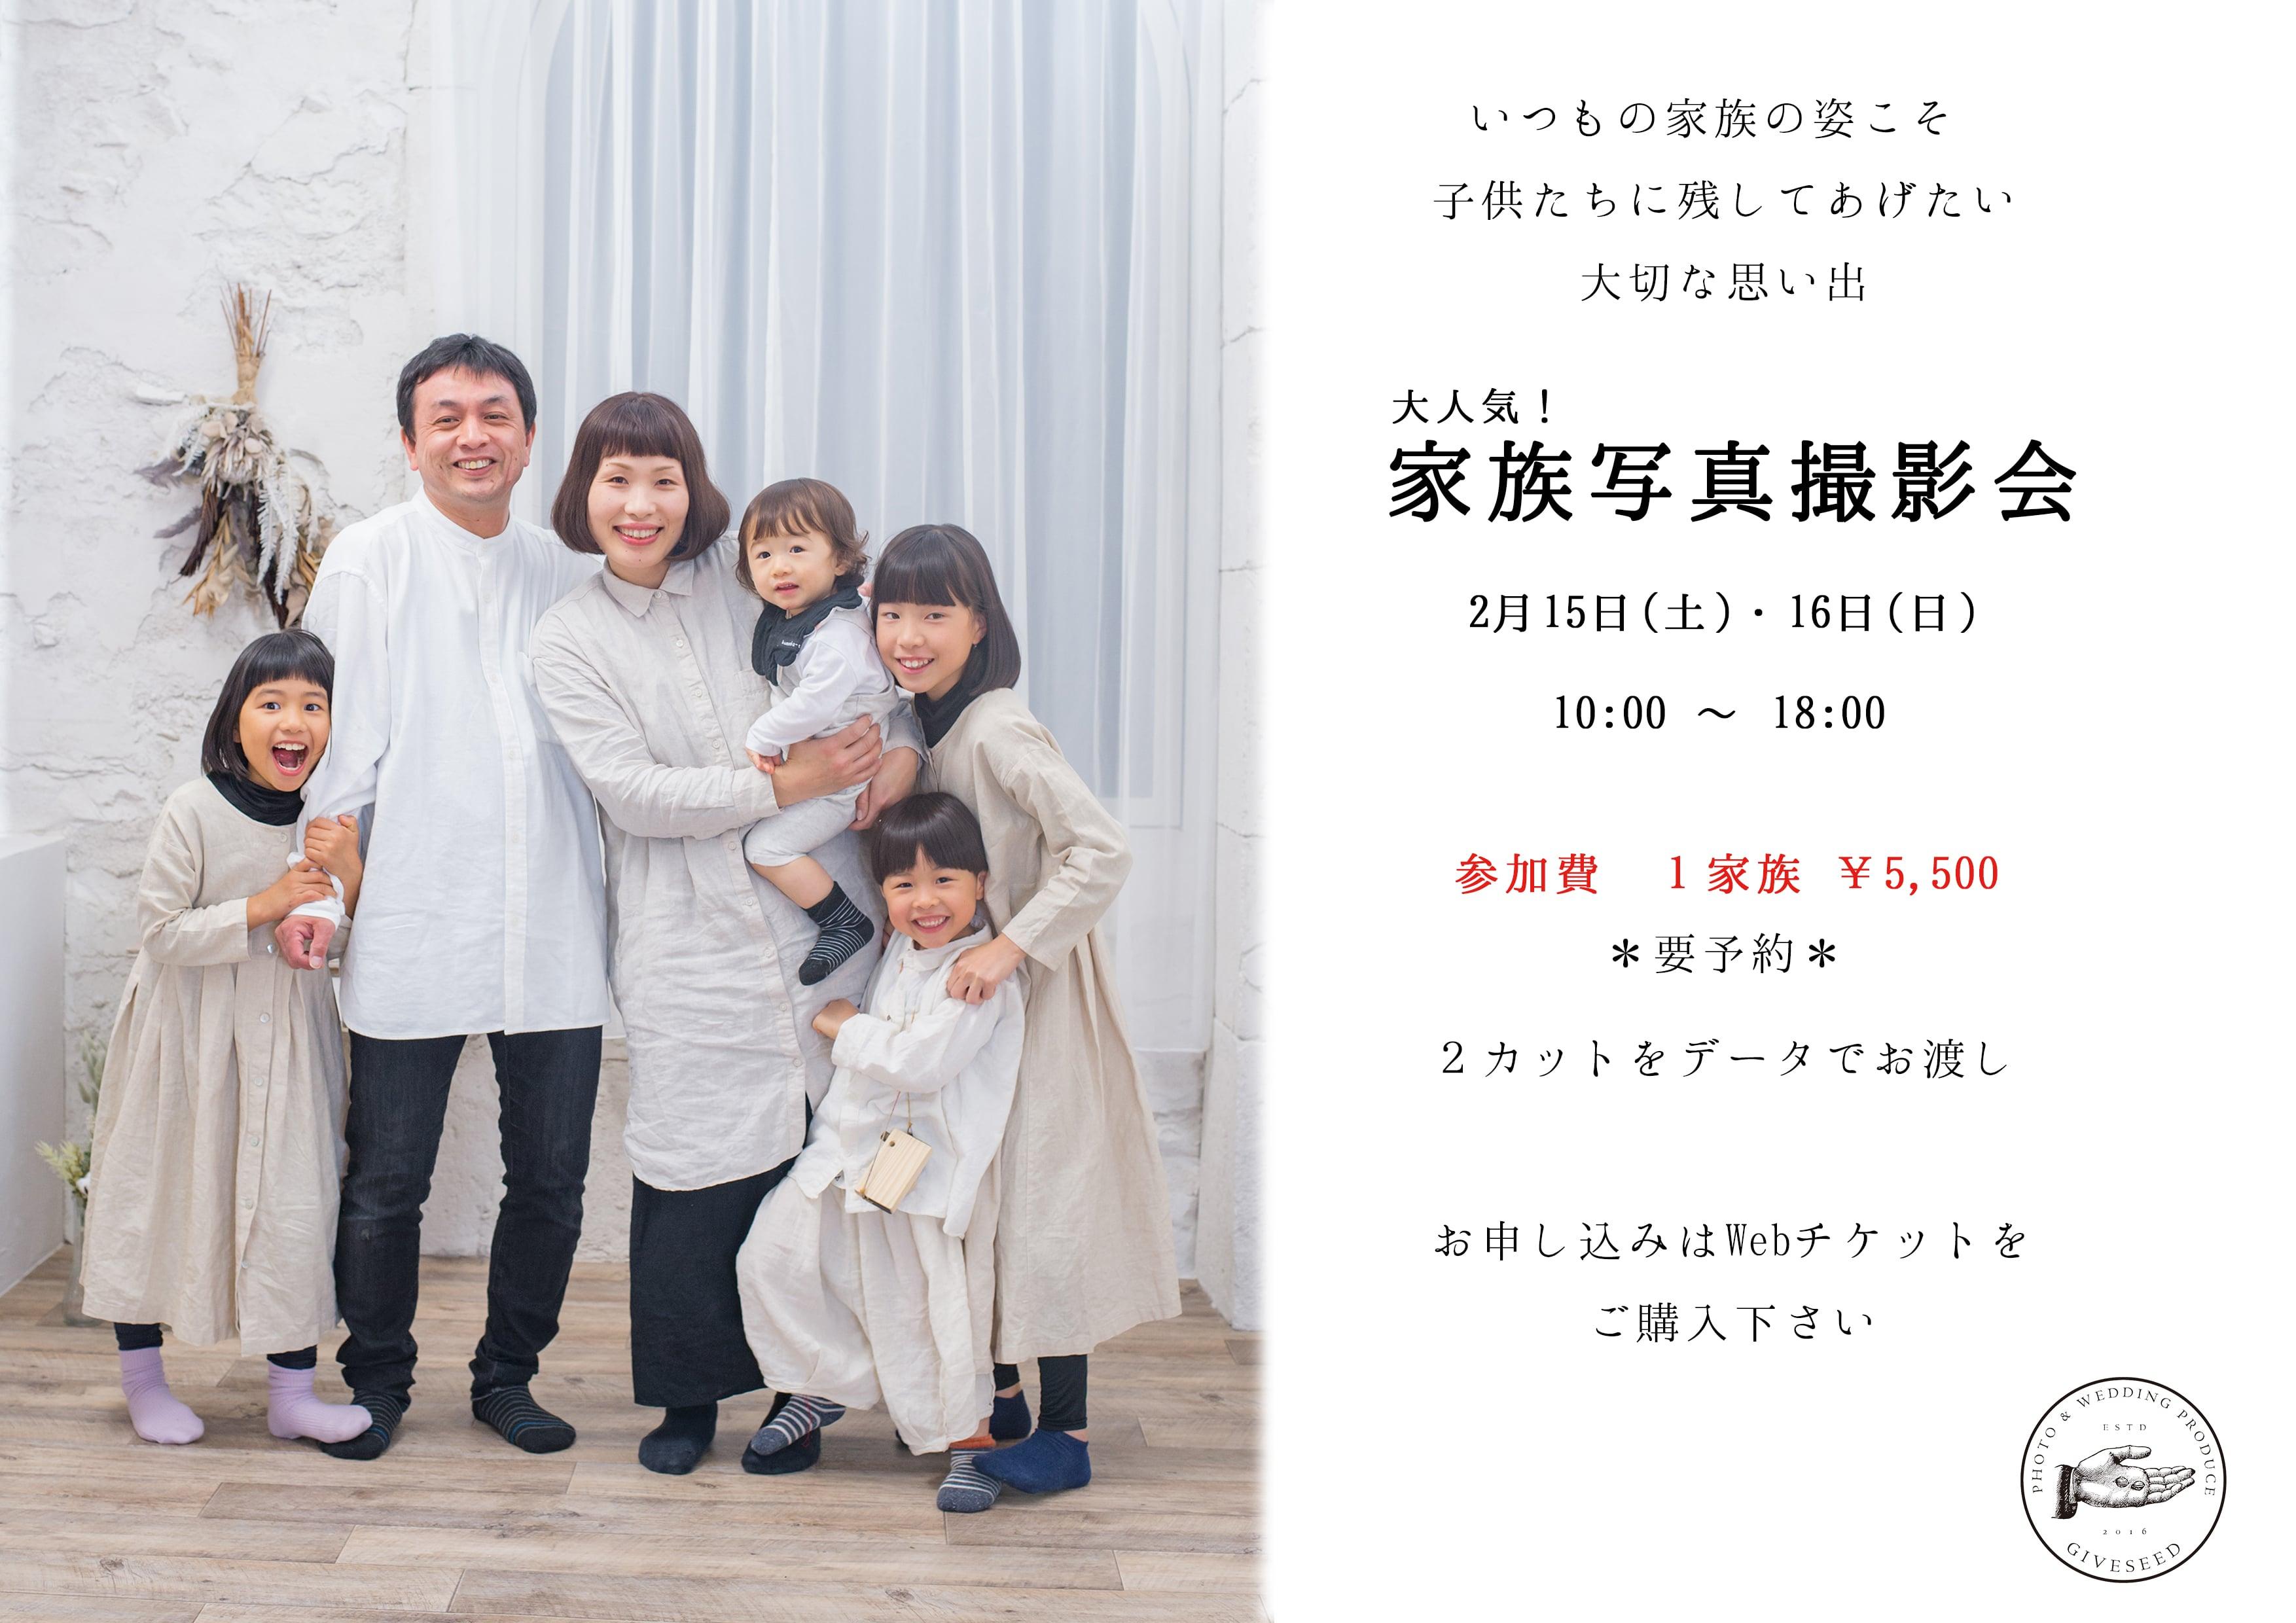 2月15日 大人気!家族写真撮影会ウェブチケットのイメージその1